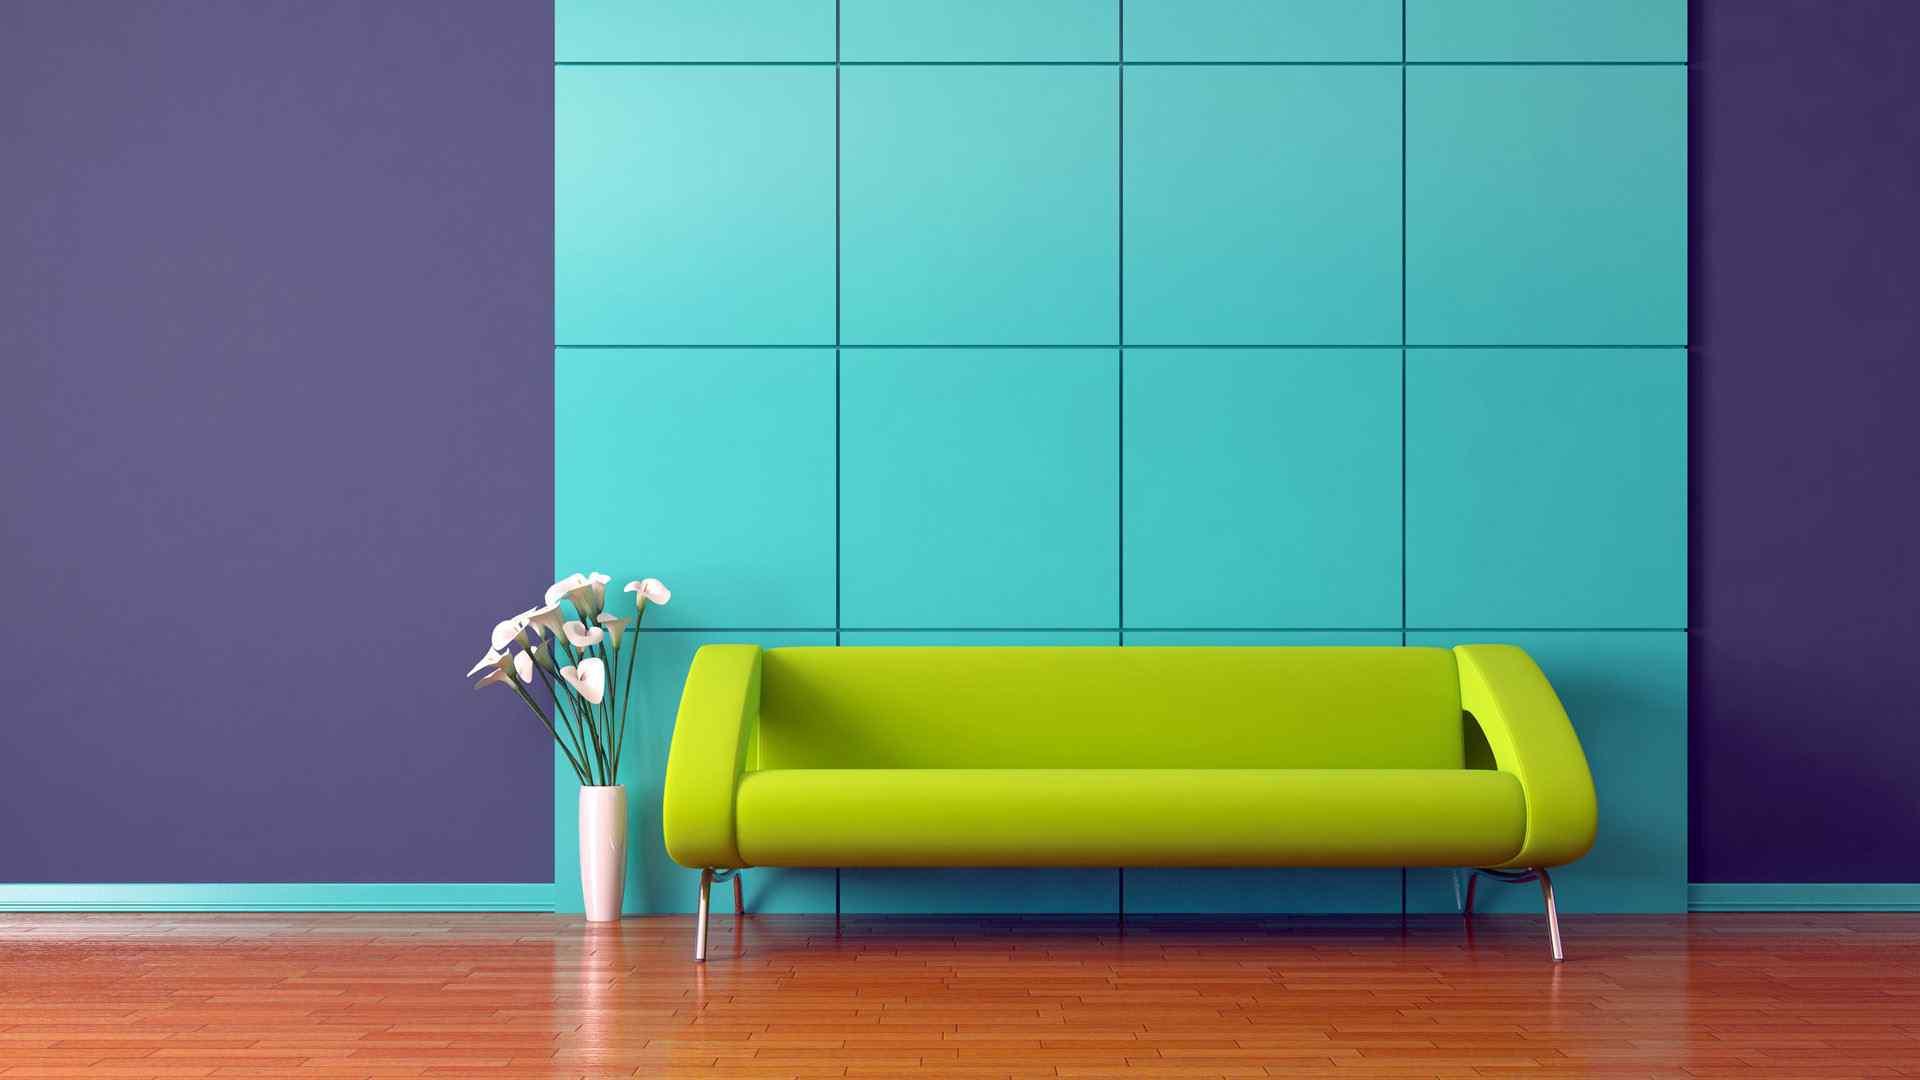 绿色沙发简约家居电脑桌面壁纸